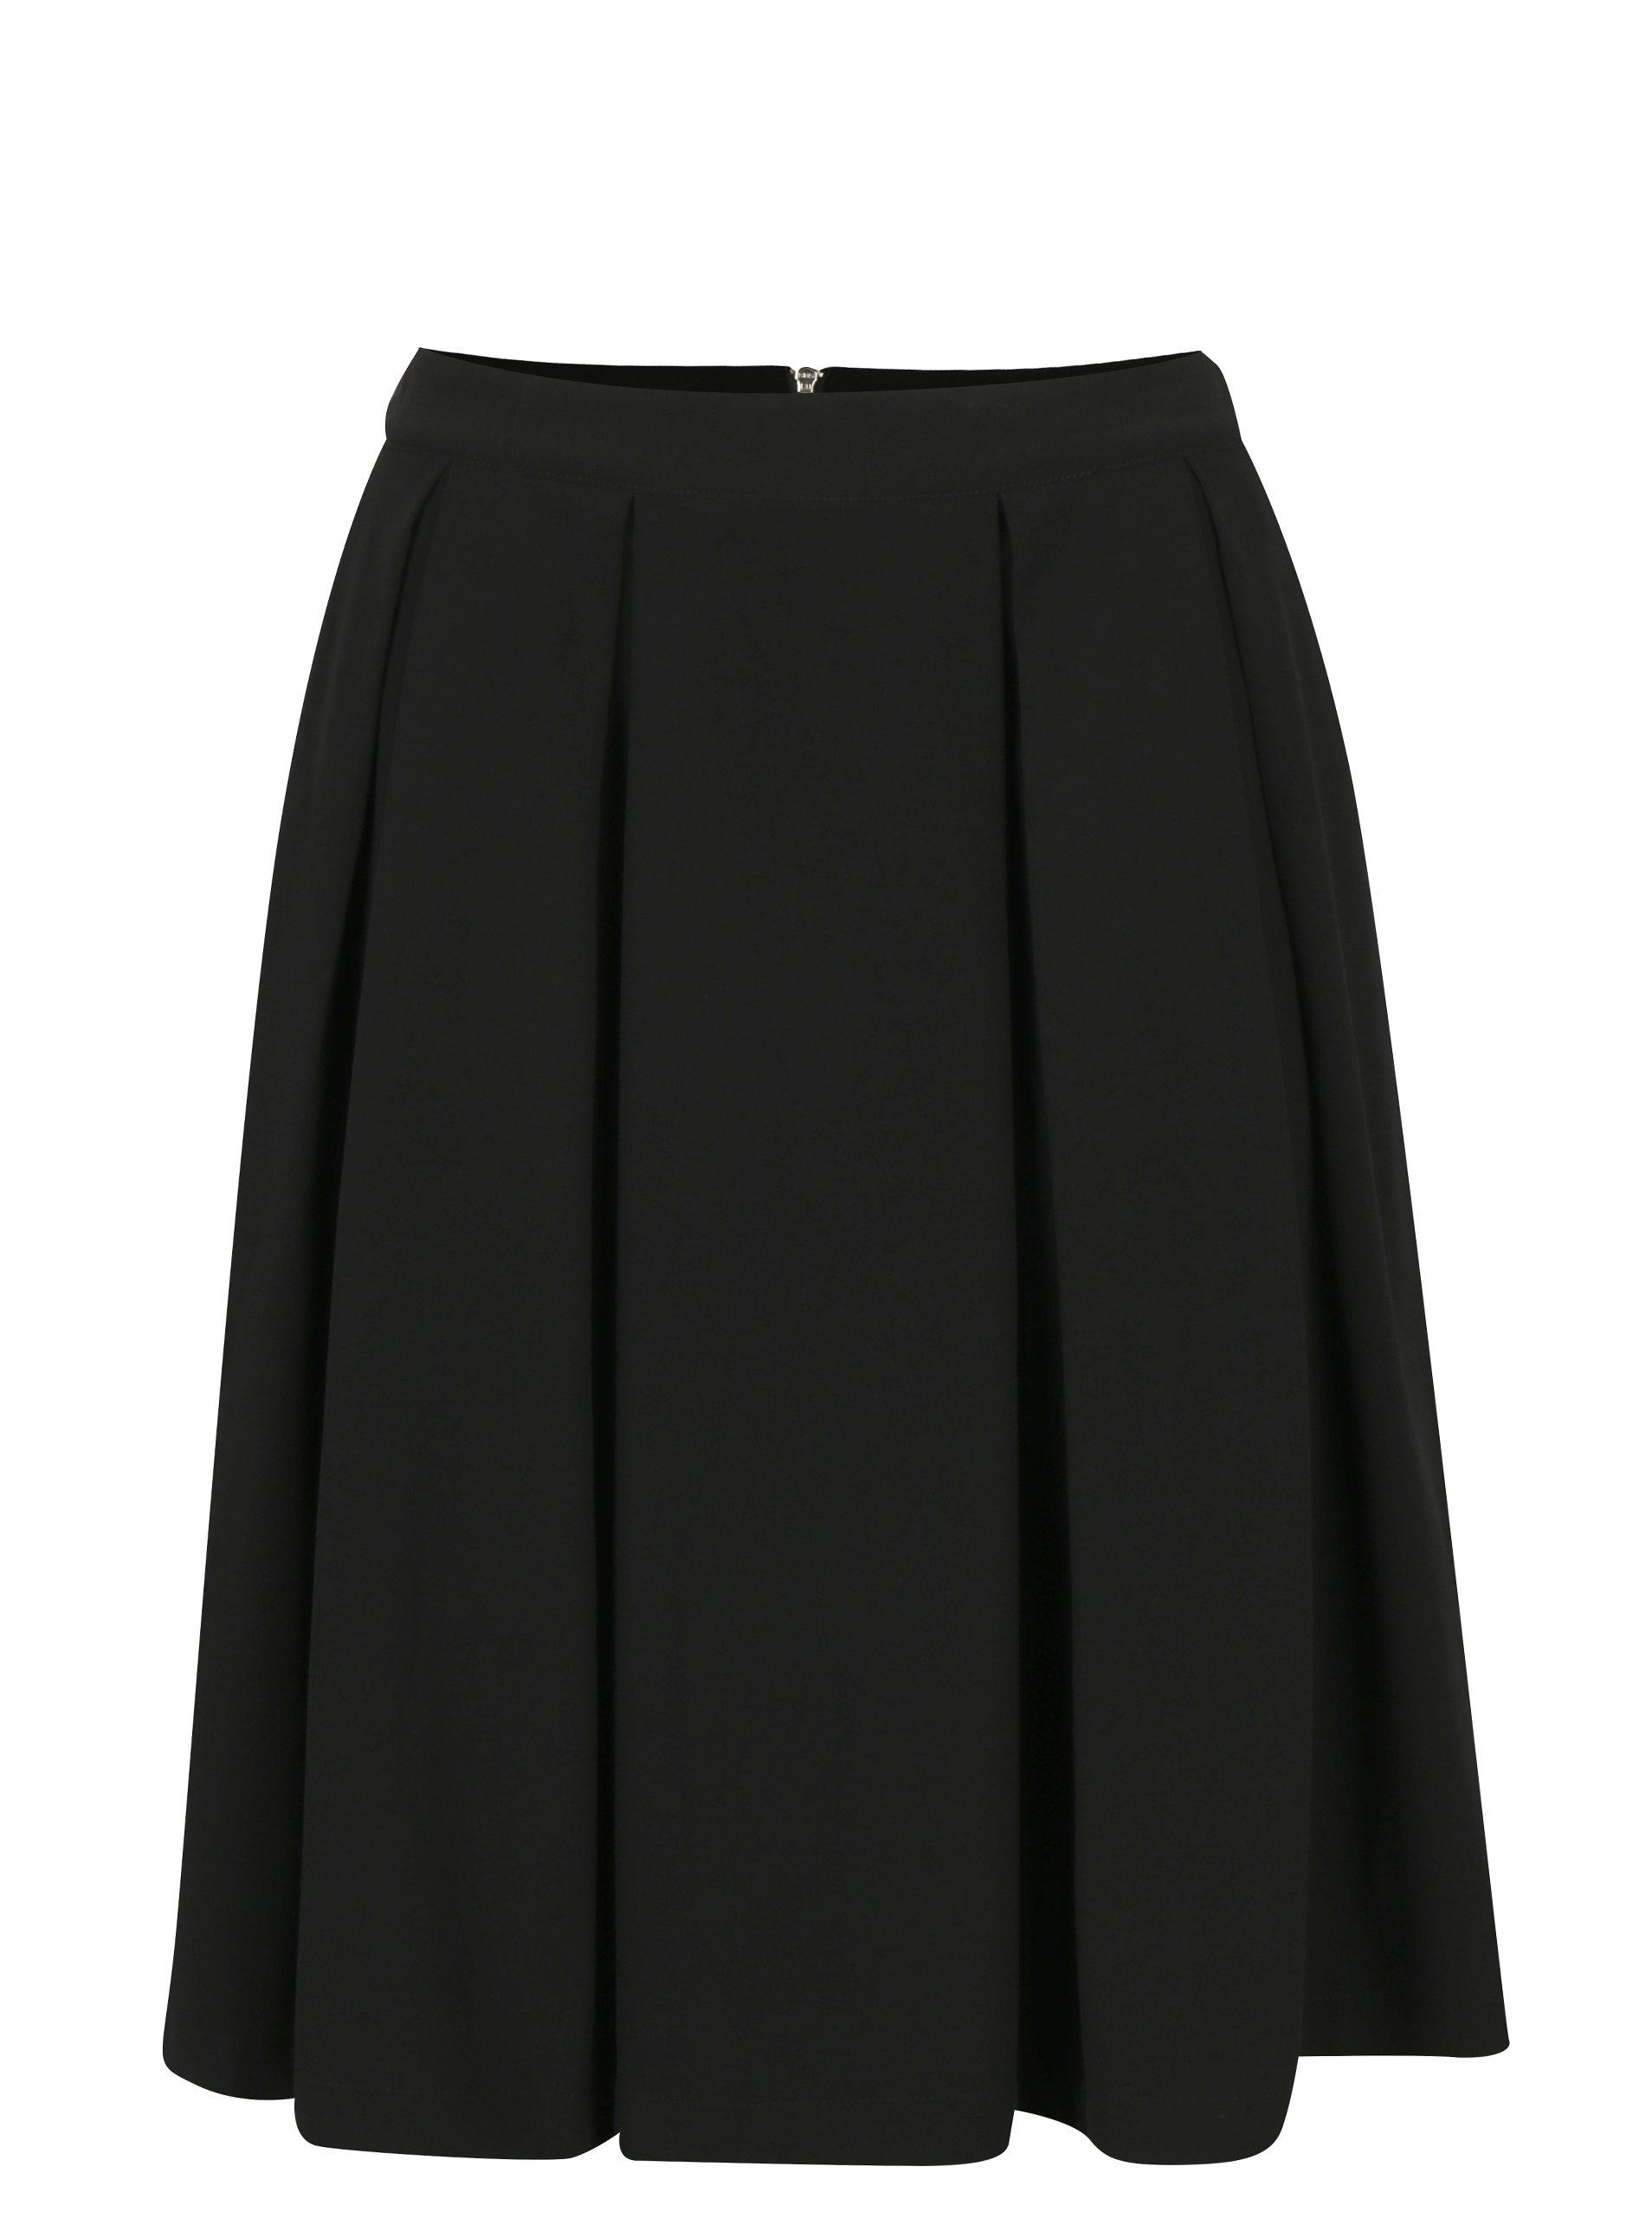 06a2dcc8c453 Čierna áčková sukňa Broadway Nawa ...